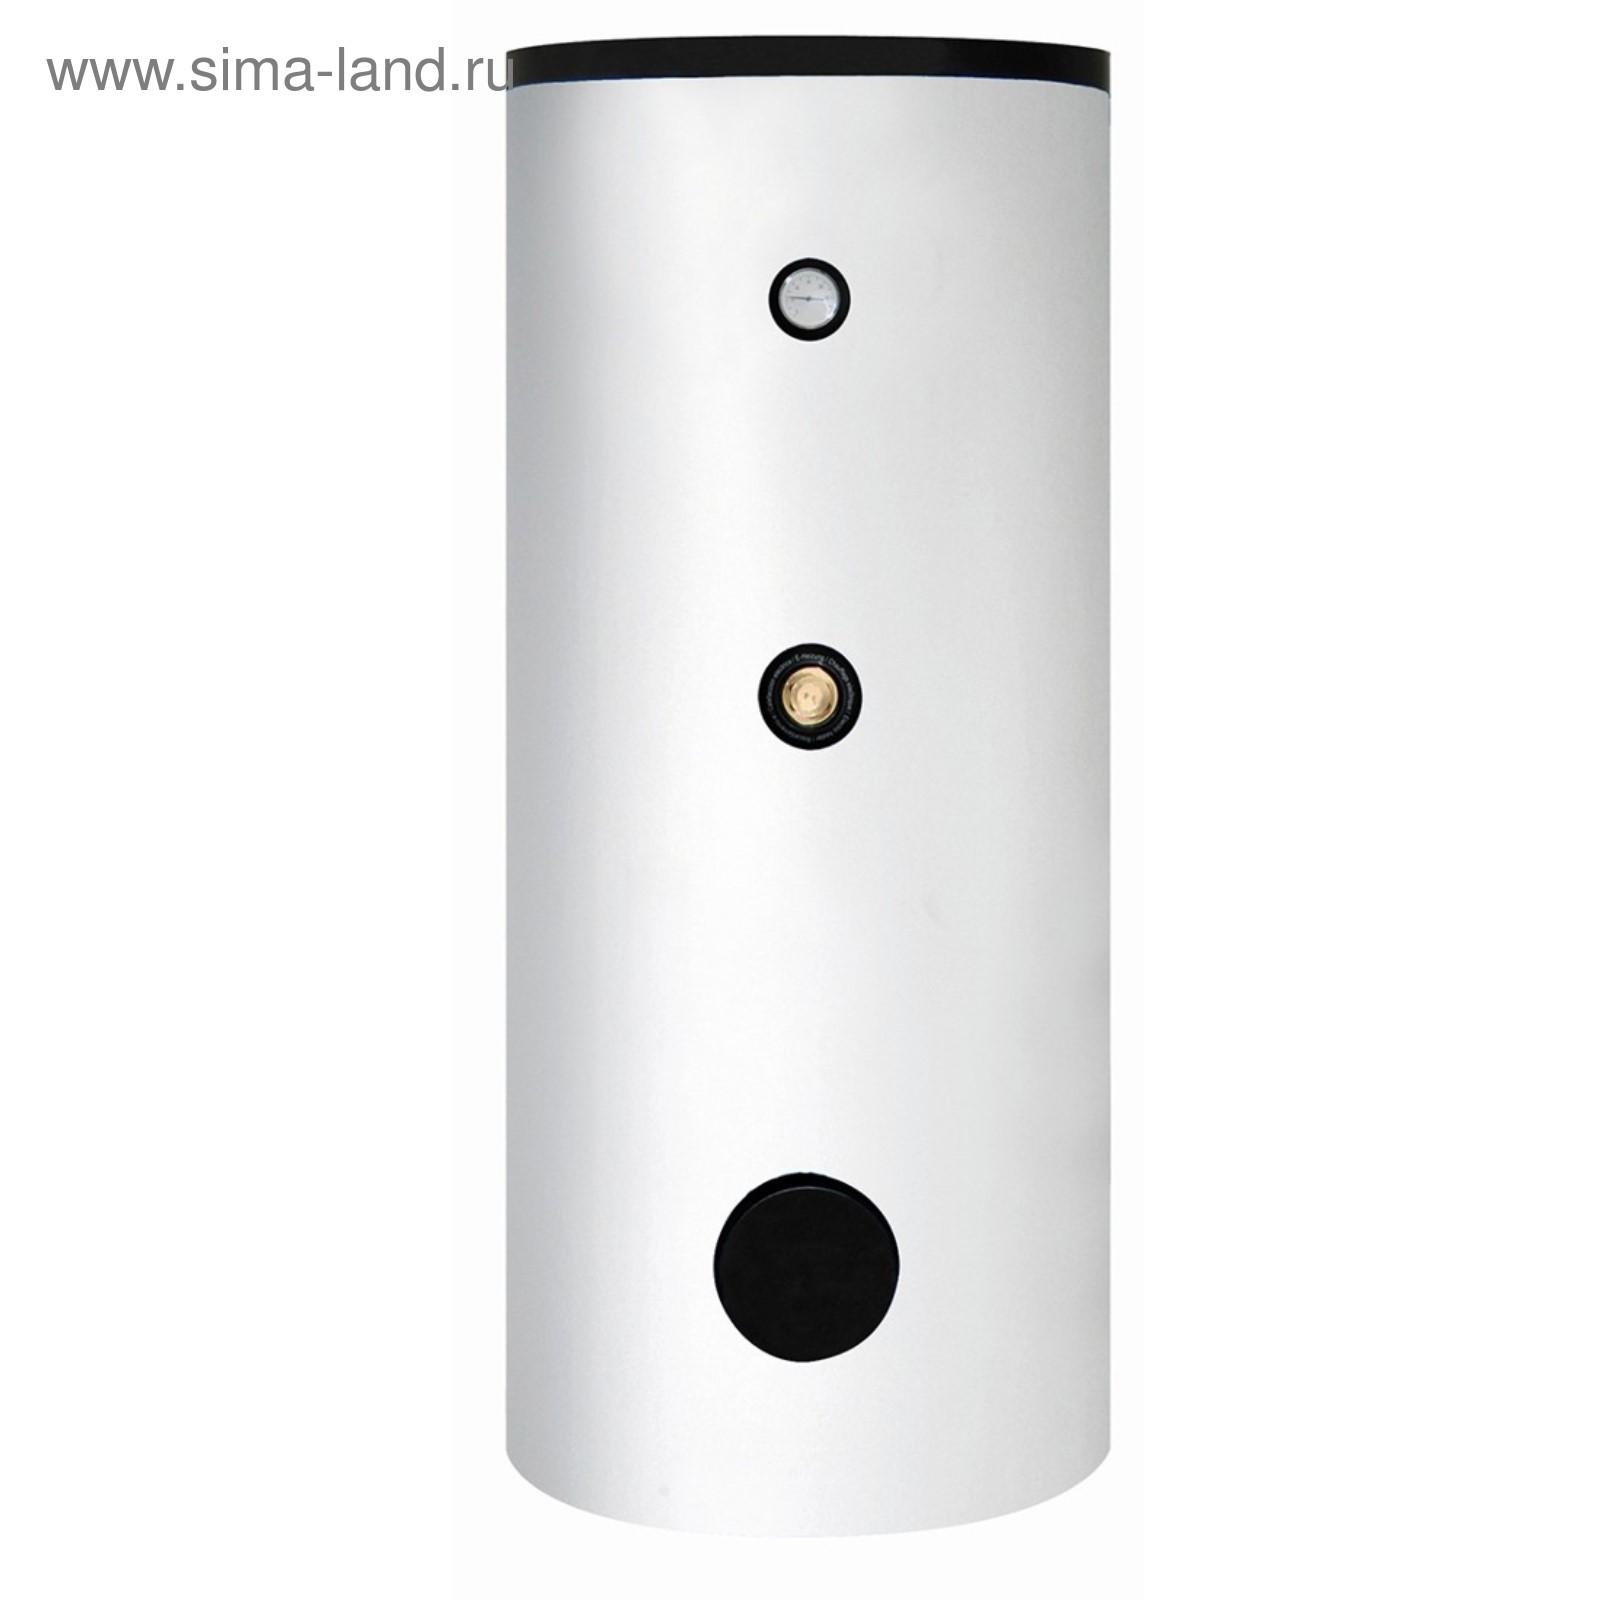 Теплообменник для 200л Пластины теплообменника SWEP (Росвеп) GL-265S Дзержинск